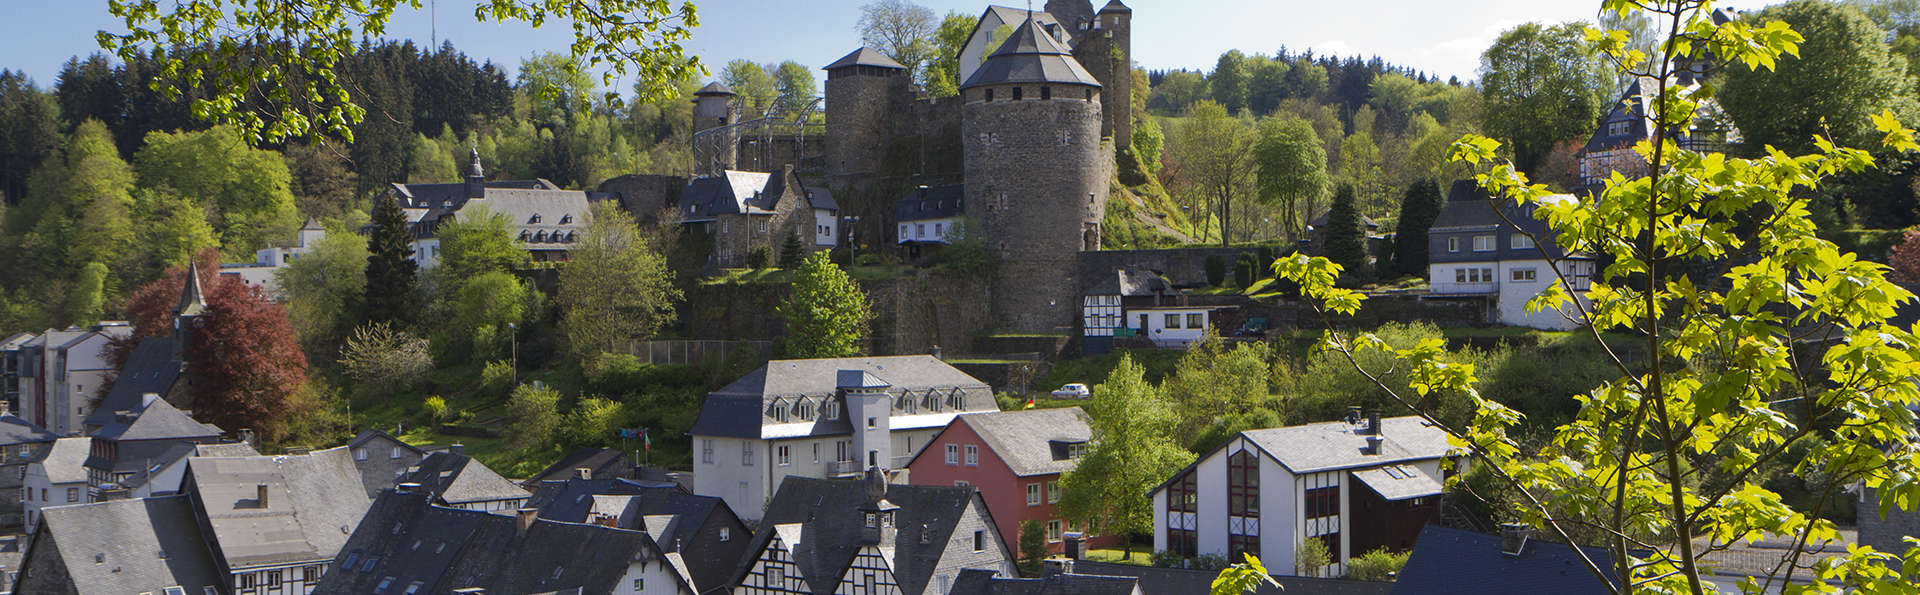 Découvrez le charme de l'Eifel lors d'un séjour de luxe (à partir de 3 nuits)